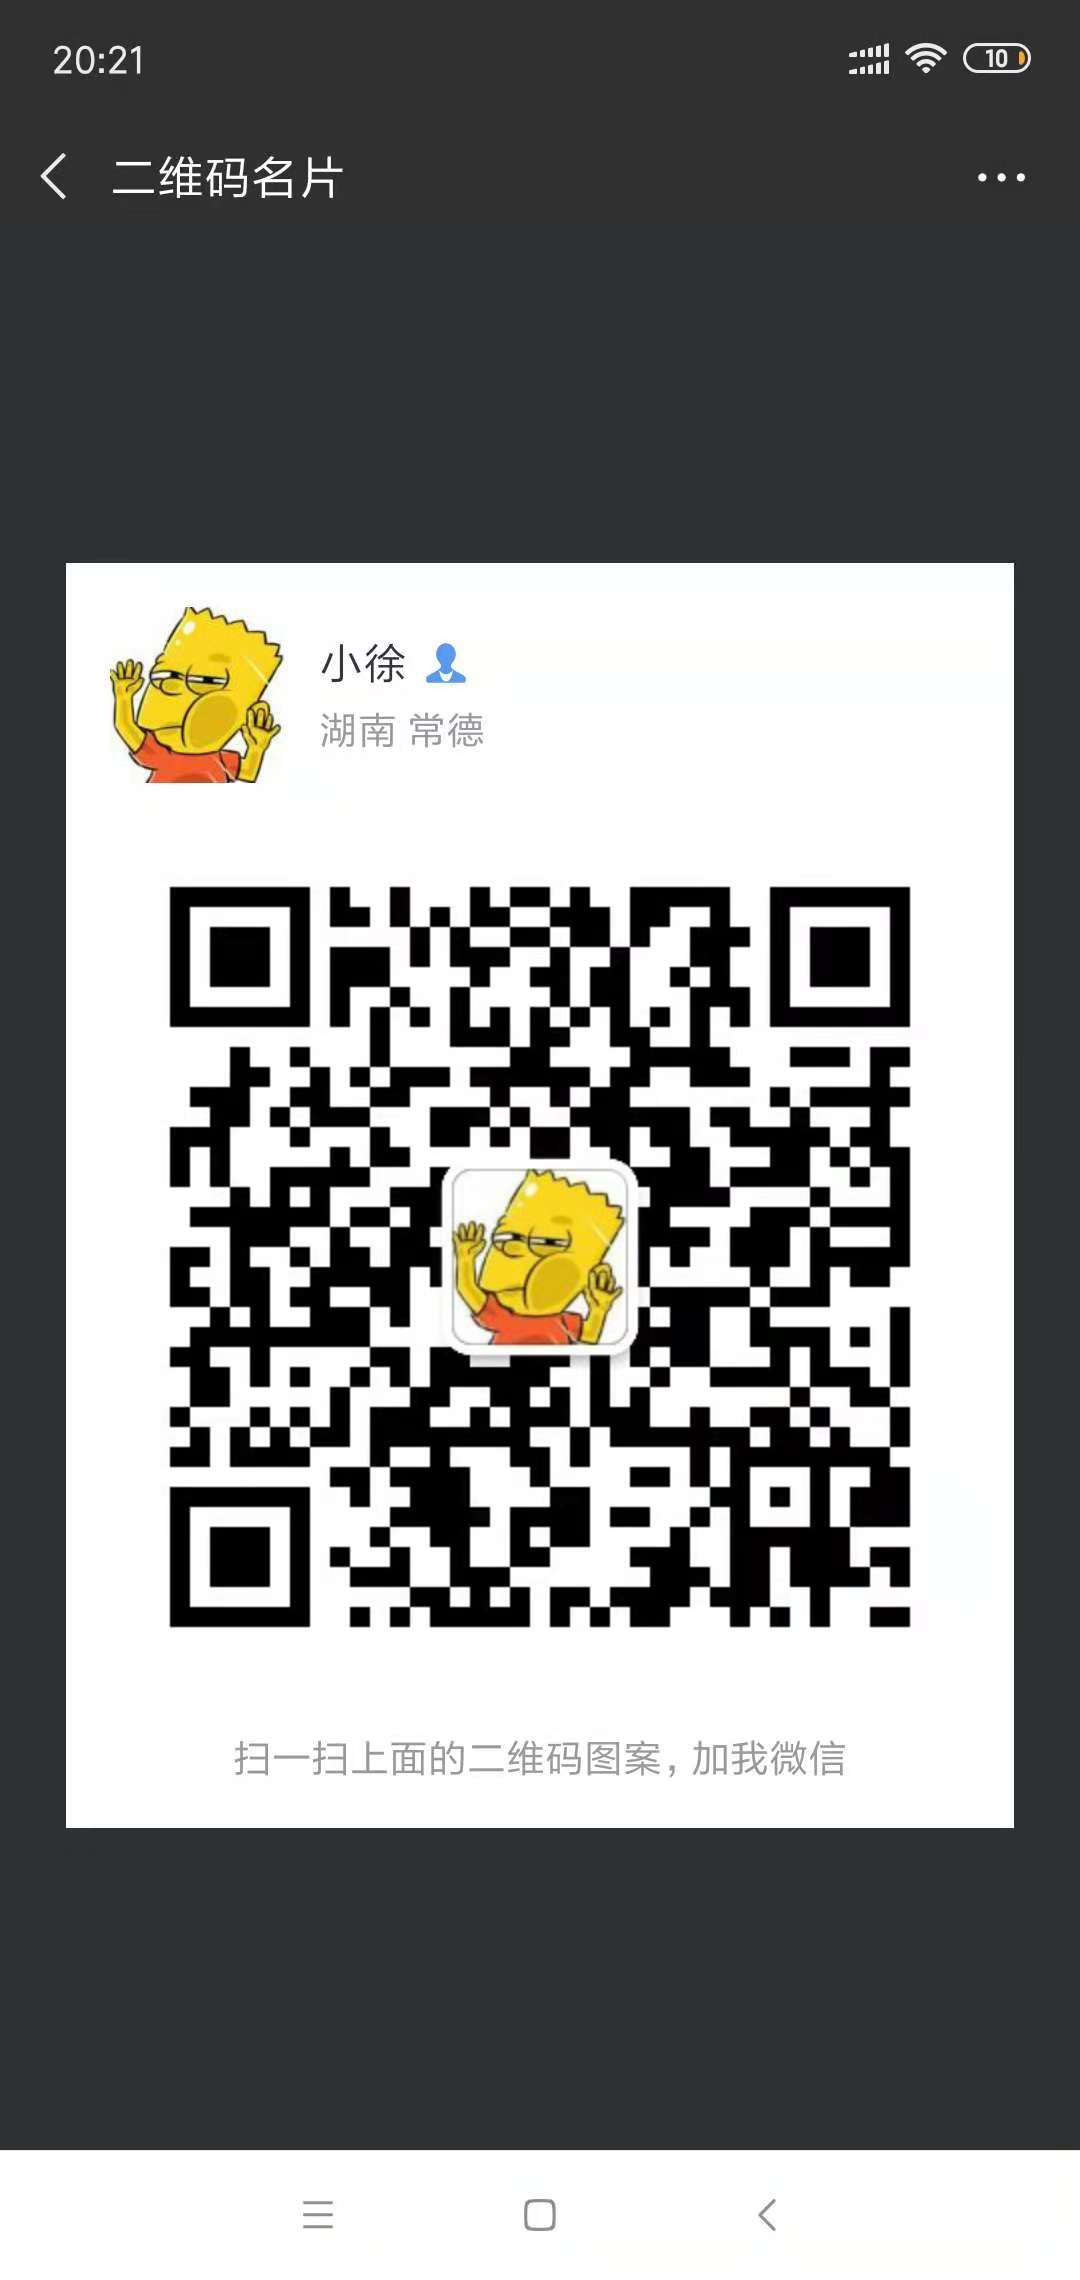 812323492393640045.jpg